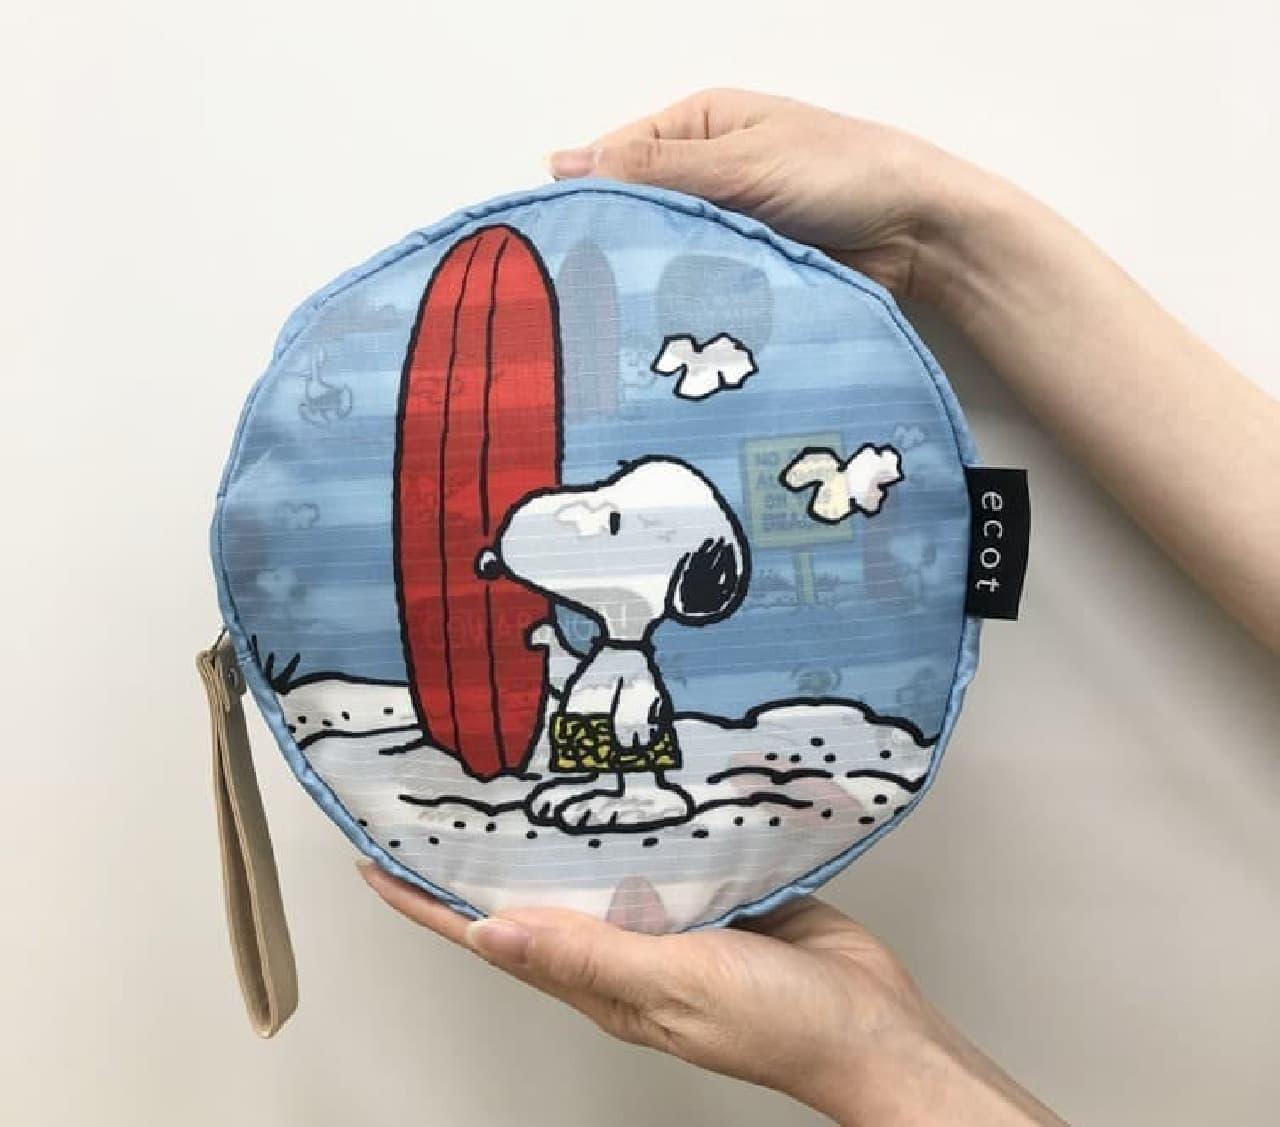 スヌーピー・ムーミンの機能性エコバッグ発売 -- ナップザック型も